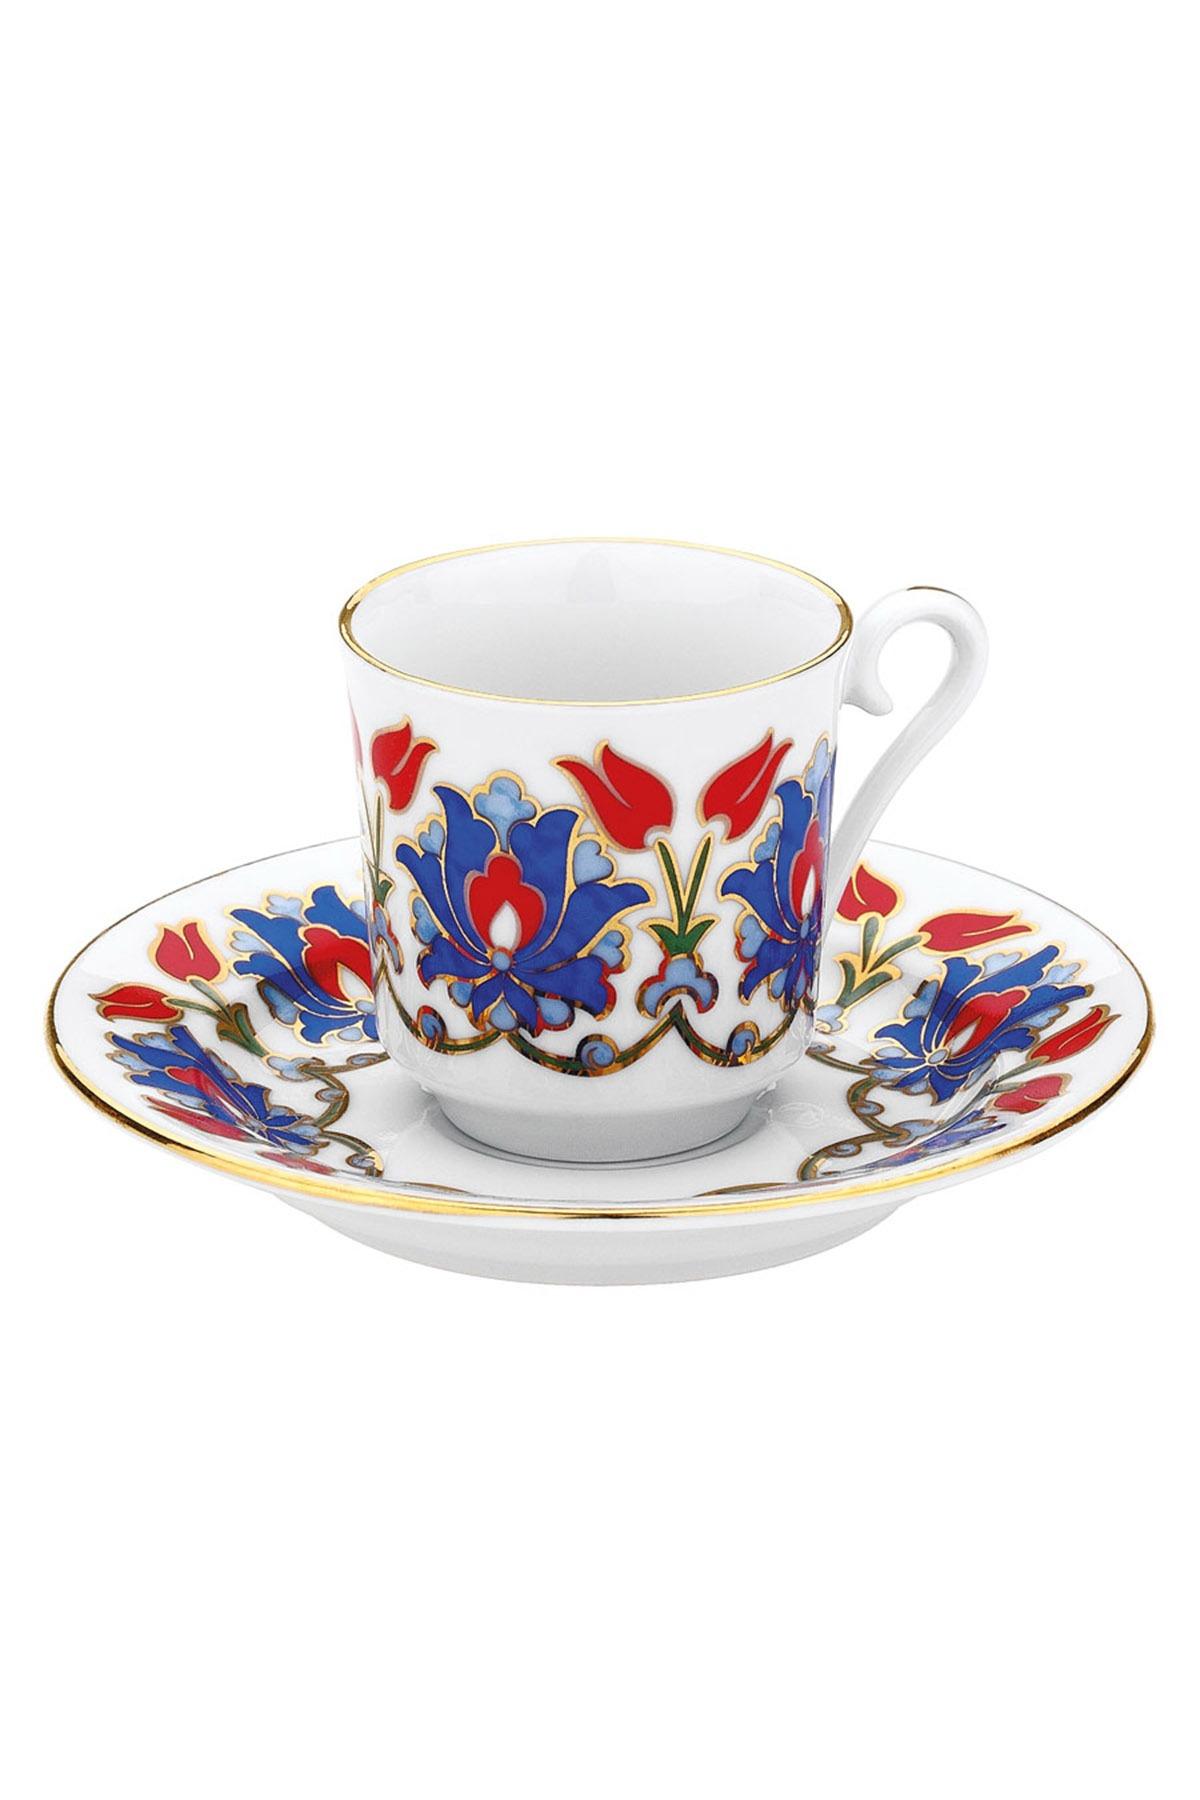 KÜTAHYA PORSELEN - Kütahya Porselen 564 Desen Kahve Fincan Takımı